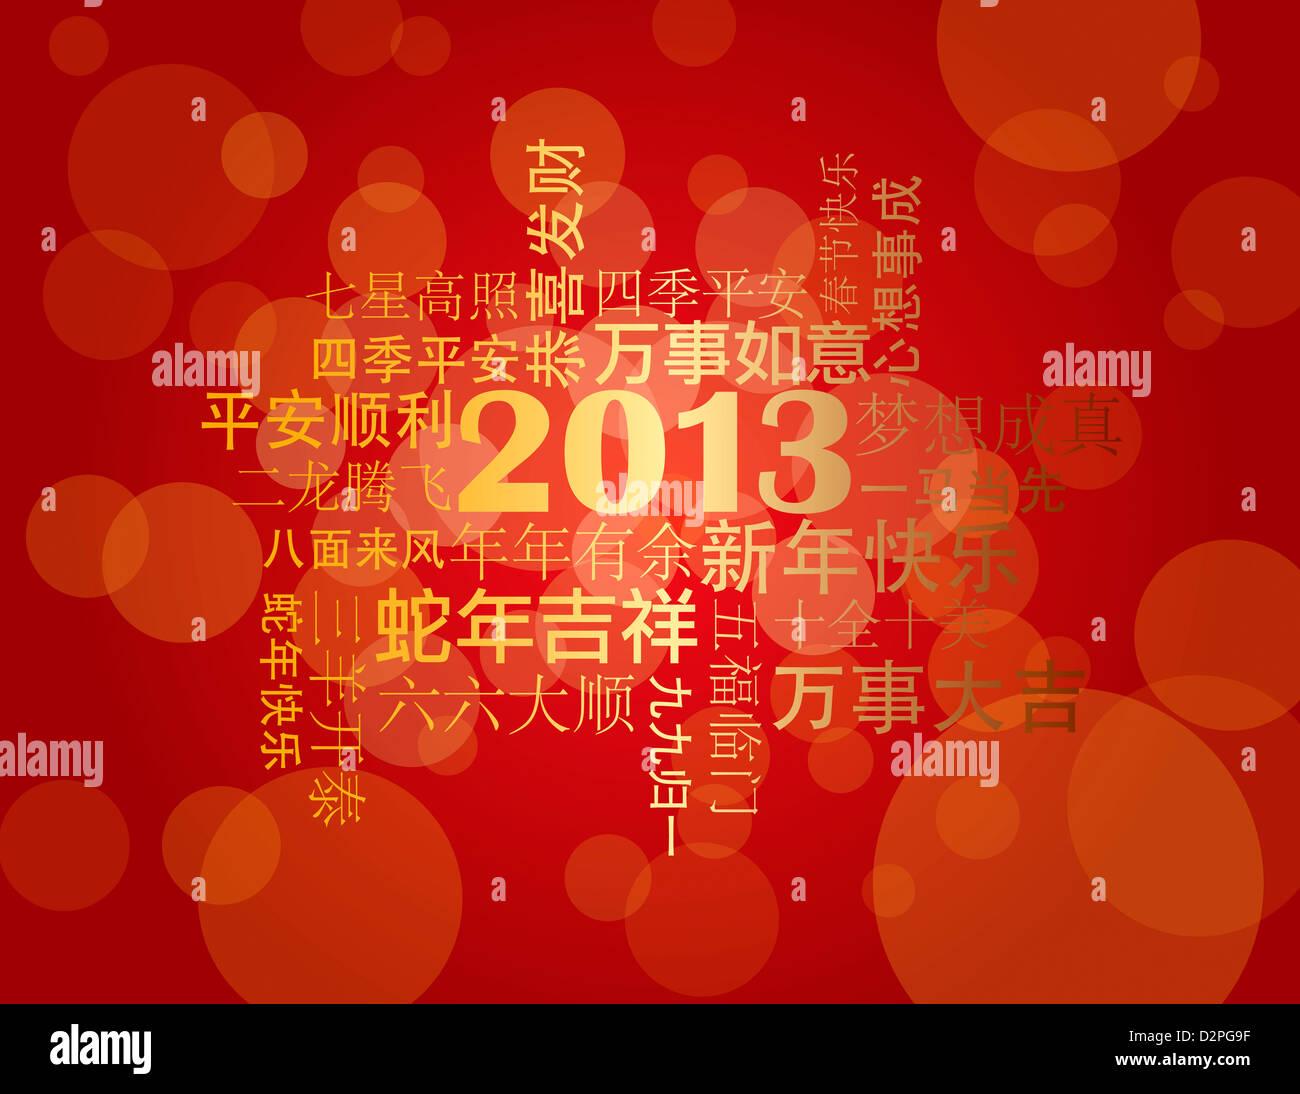 Chinesische Sprichwörter Stockfotos & Chinesische Sprichwörter ...